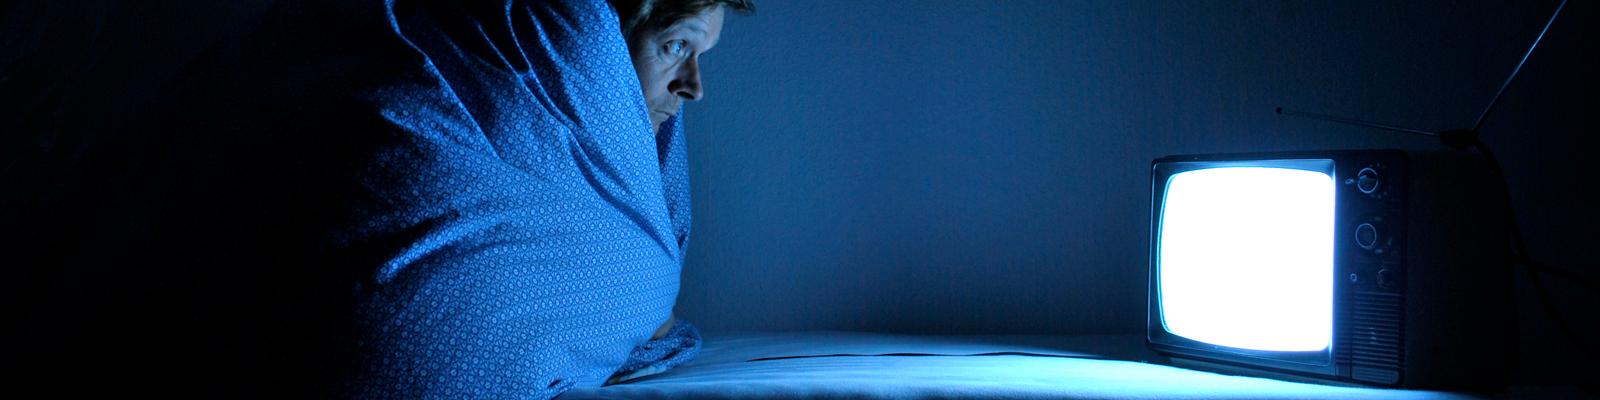 Ein Mann sieht in eine Bettdecke eingewickelt fern.